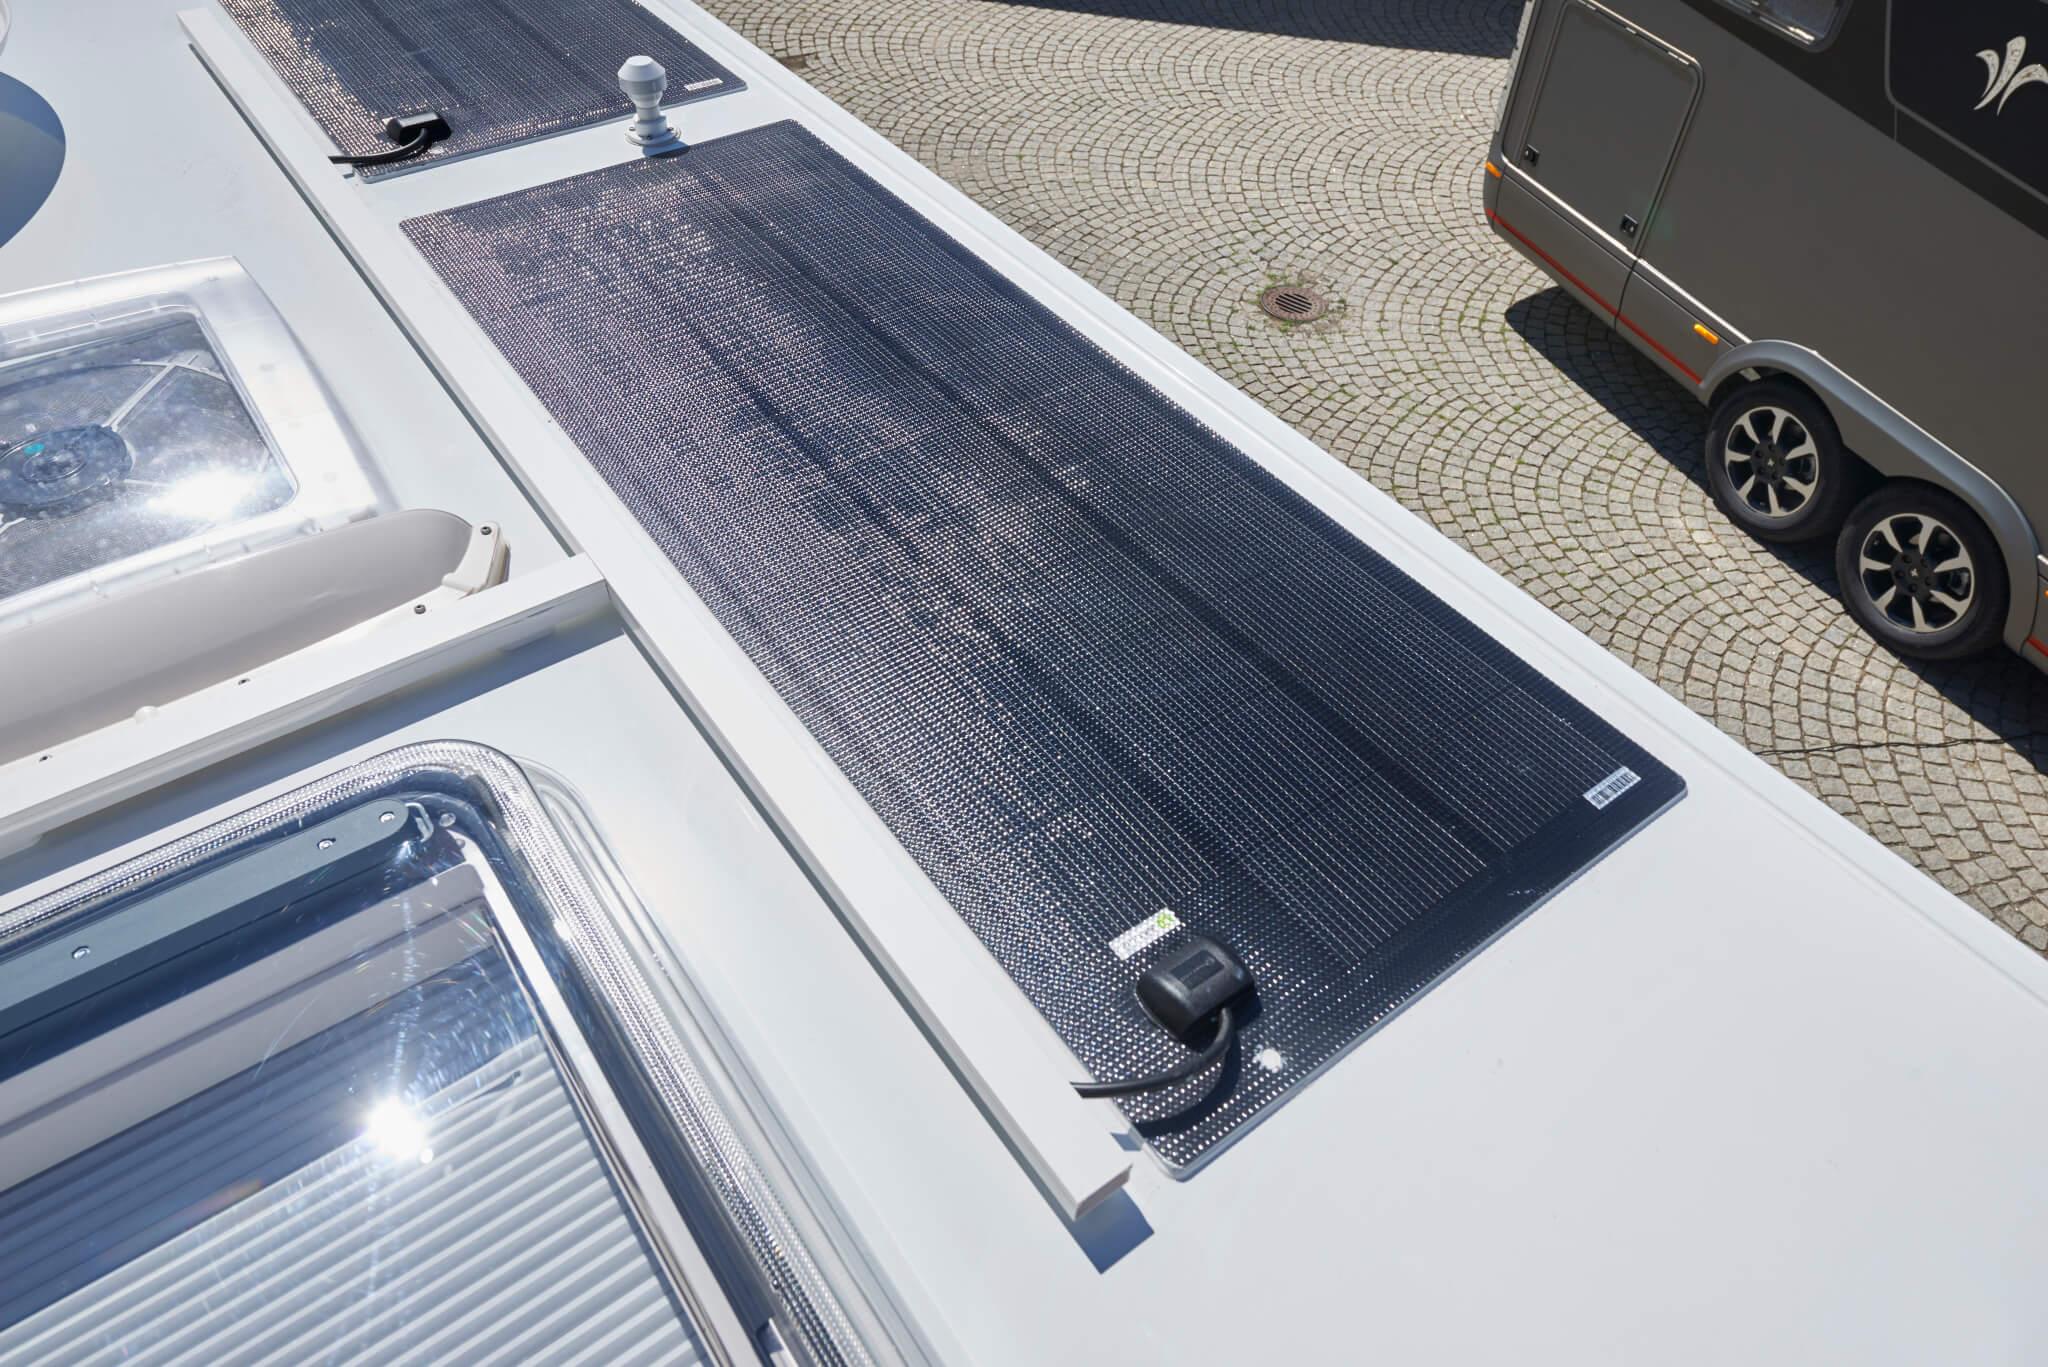 NIESMANN+BISCHOFF - Flair - Flair 920 LW - Solarpanel - Lithium Energie Paket